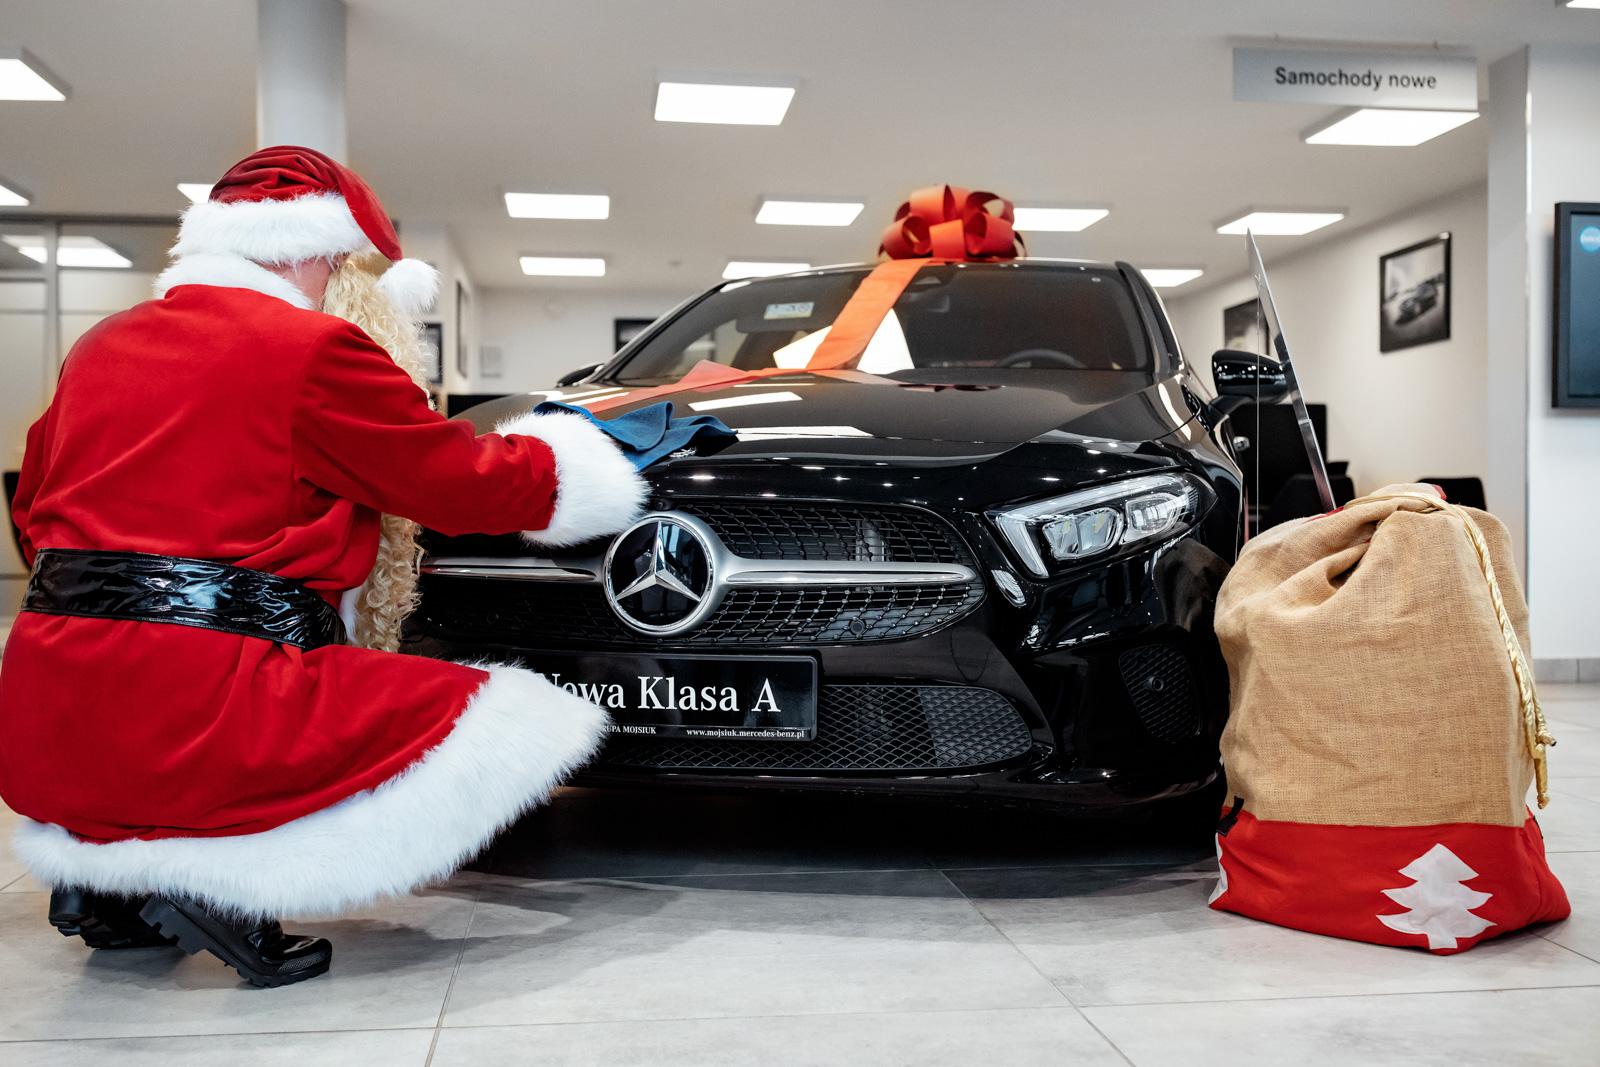 Przykładowo – za model Mercedes-Benz A 200, miesięczna rata leasingowa w programie Lease&Drive 1% dla przedsiębiorców wynosi 1554 zł netto (przy wpłacie wstępnej 5% wartości, okresie leasingu 36 m-cy i przebiegu rocznym 25 tys. km).